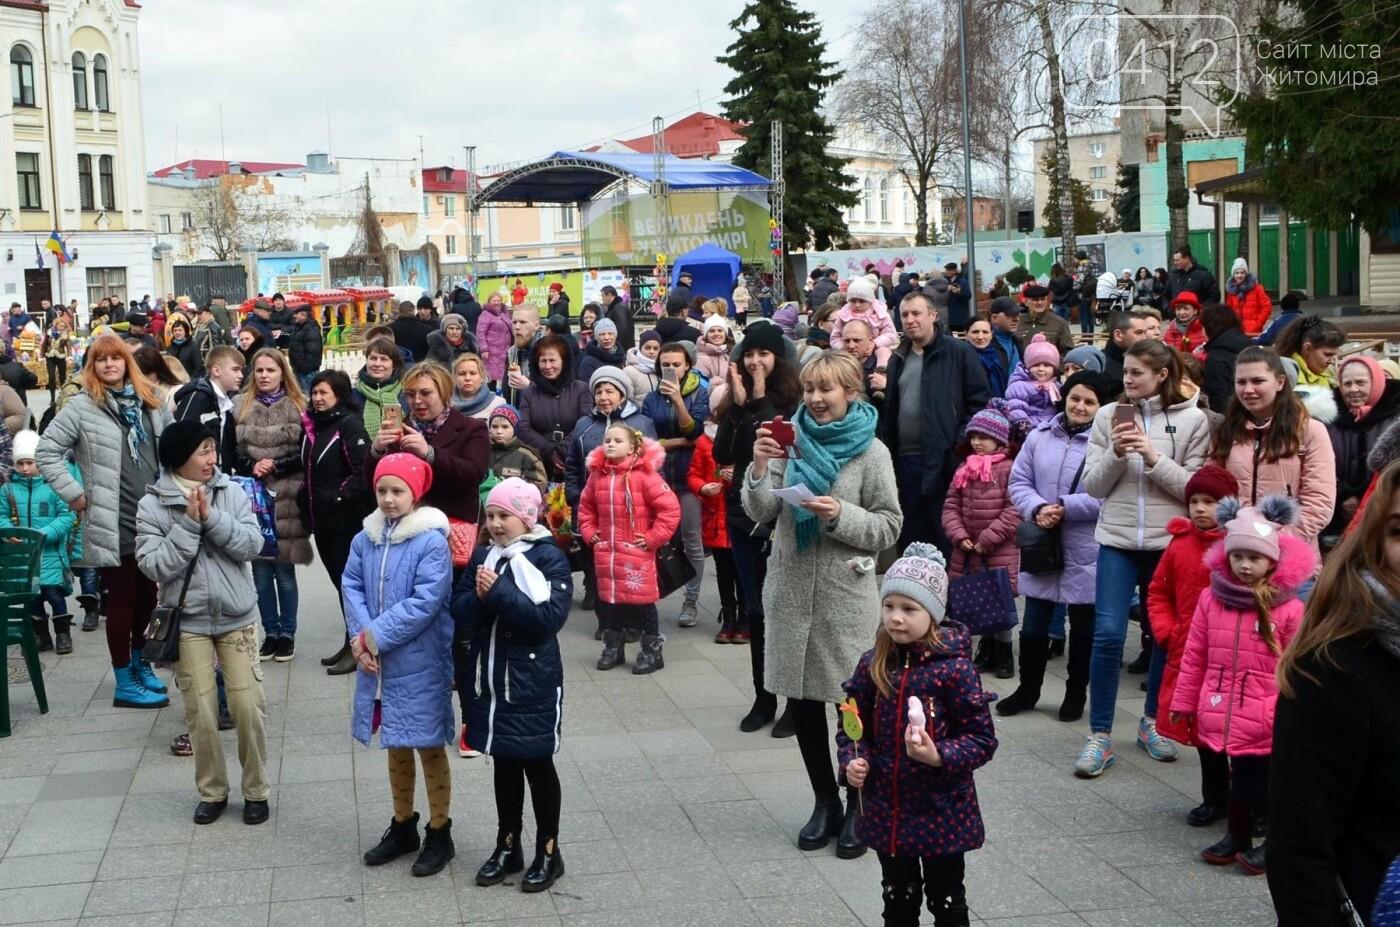 Ярмарок, фотолокації та розваги: у Житомирі розпочалися Великодні святкування, фото-6